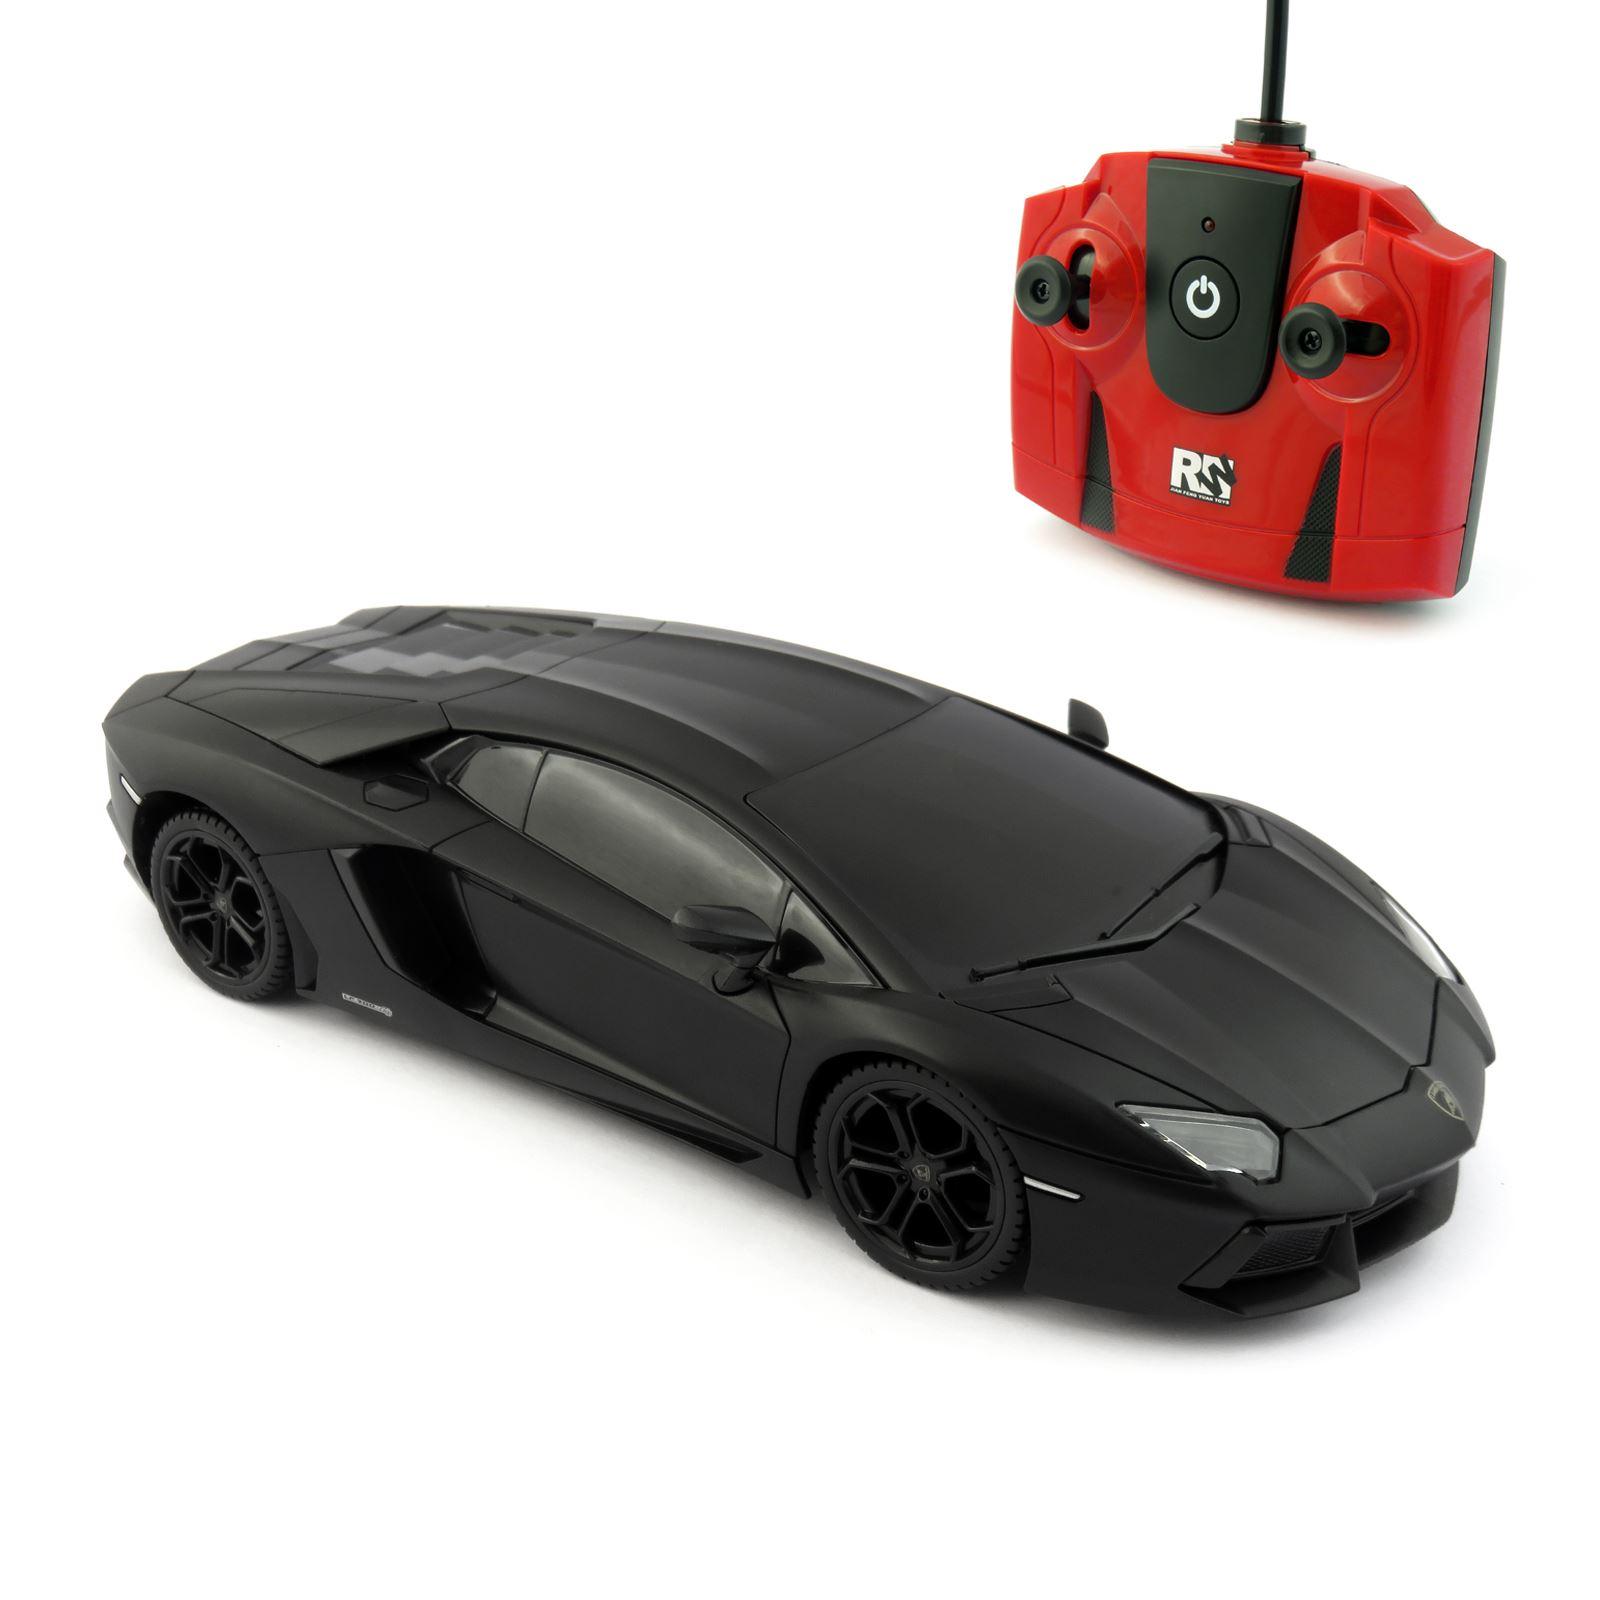 Lamborghini Aventador Matte Black Scale 1 24 Radio Remote